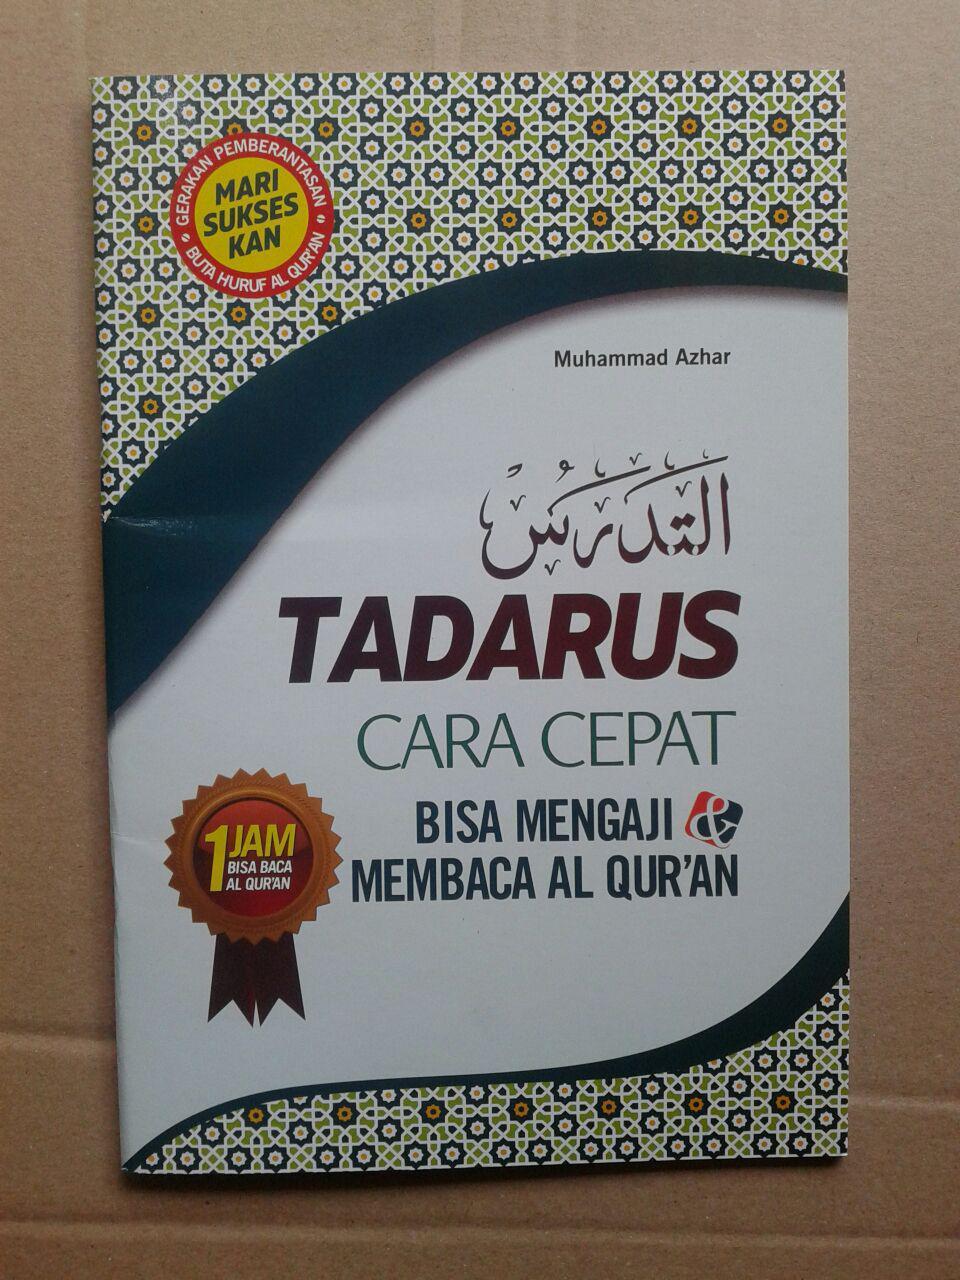 Buku Tadarus Cara Cepat Mengaji Membaca Al-Quran 1 Jam cover